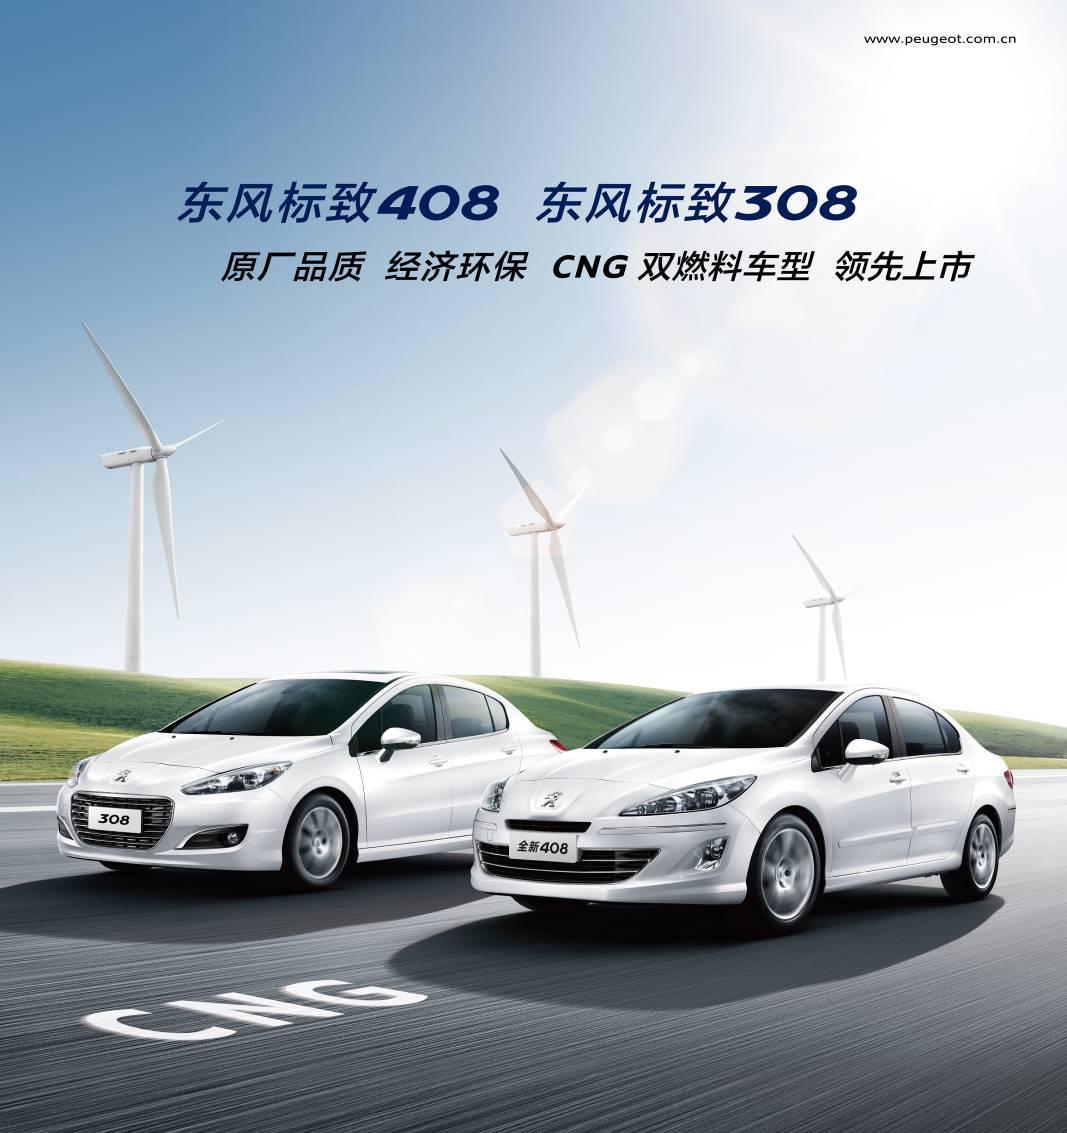 东风标致CNG双燃料车型正式上市 -标致408高清图片